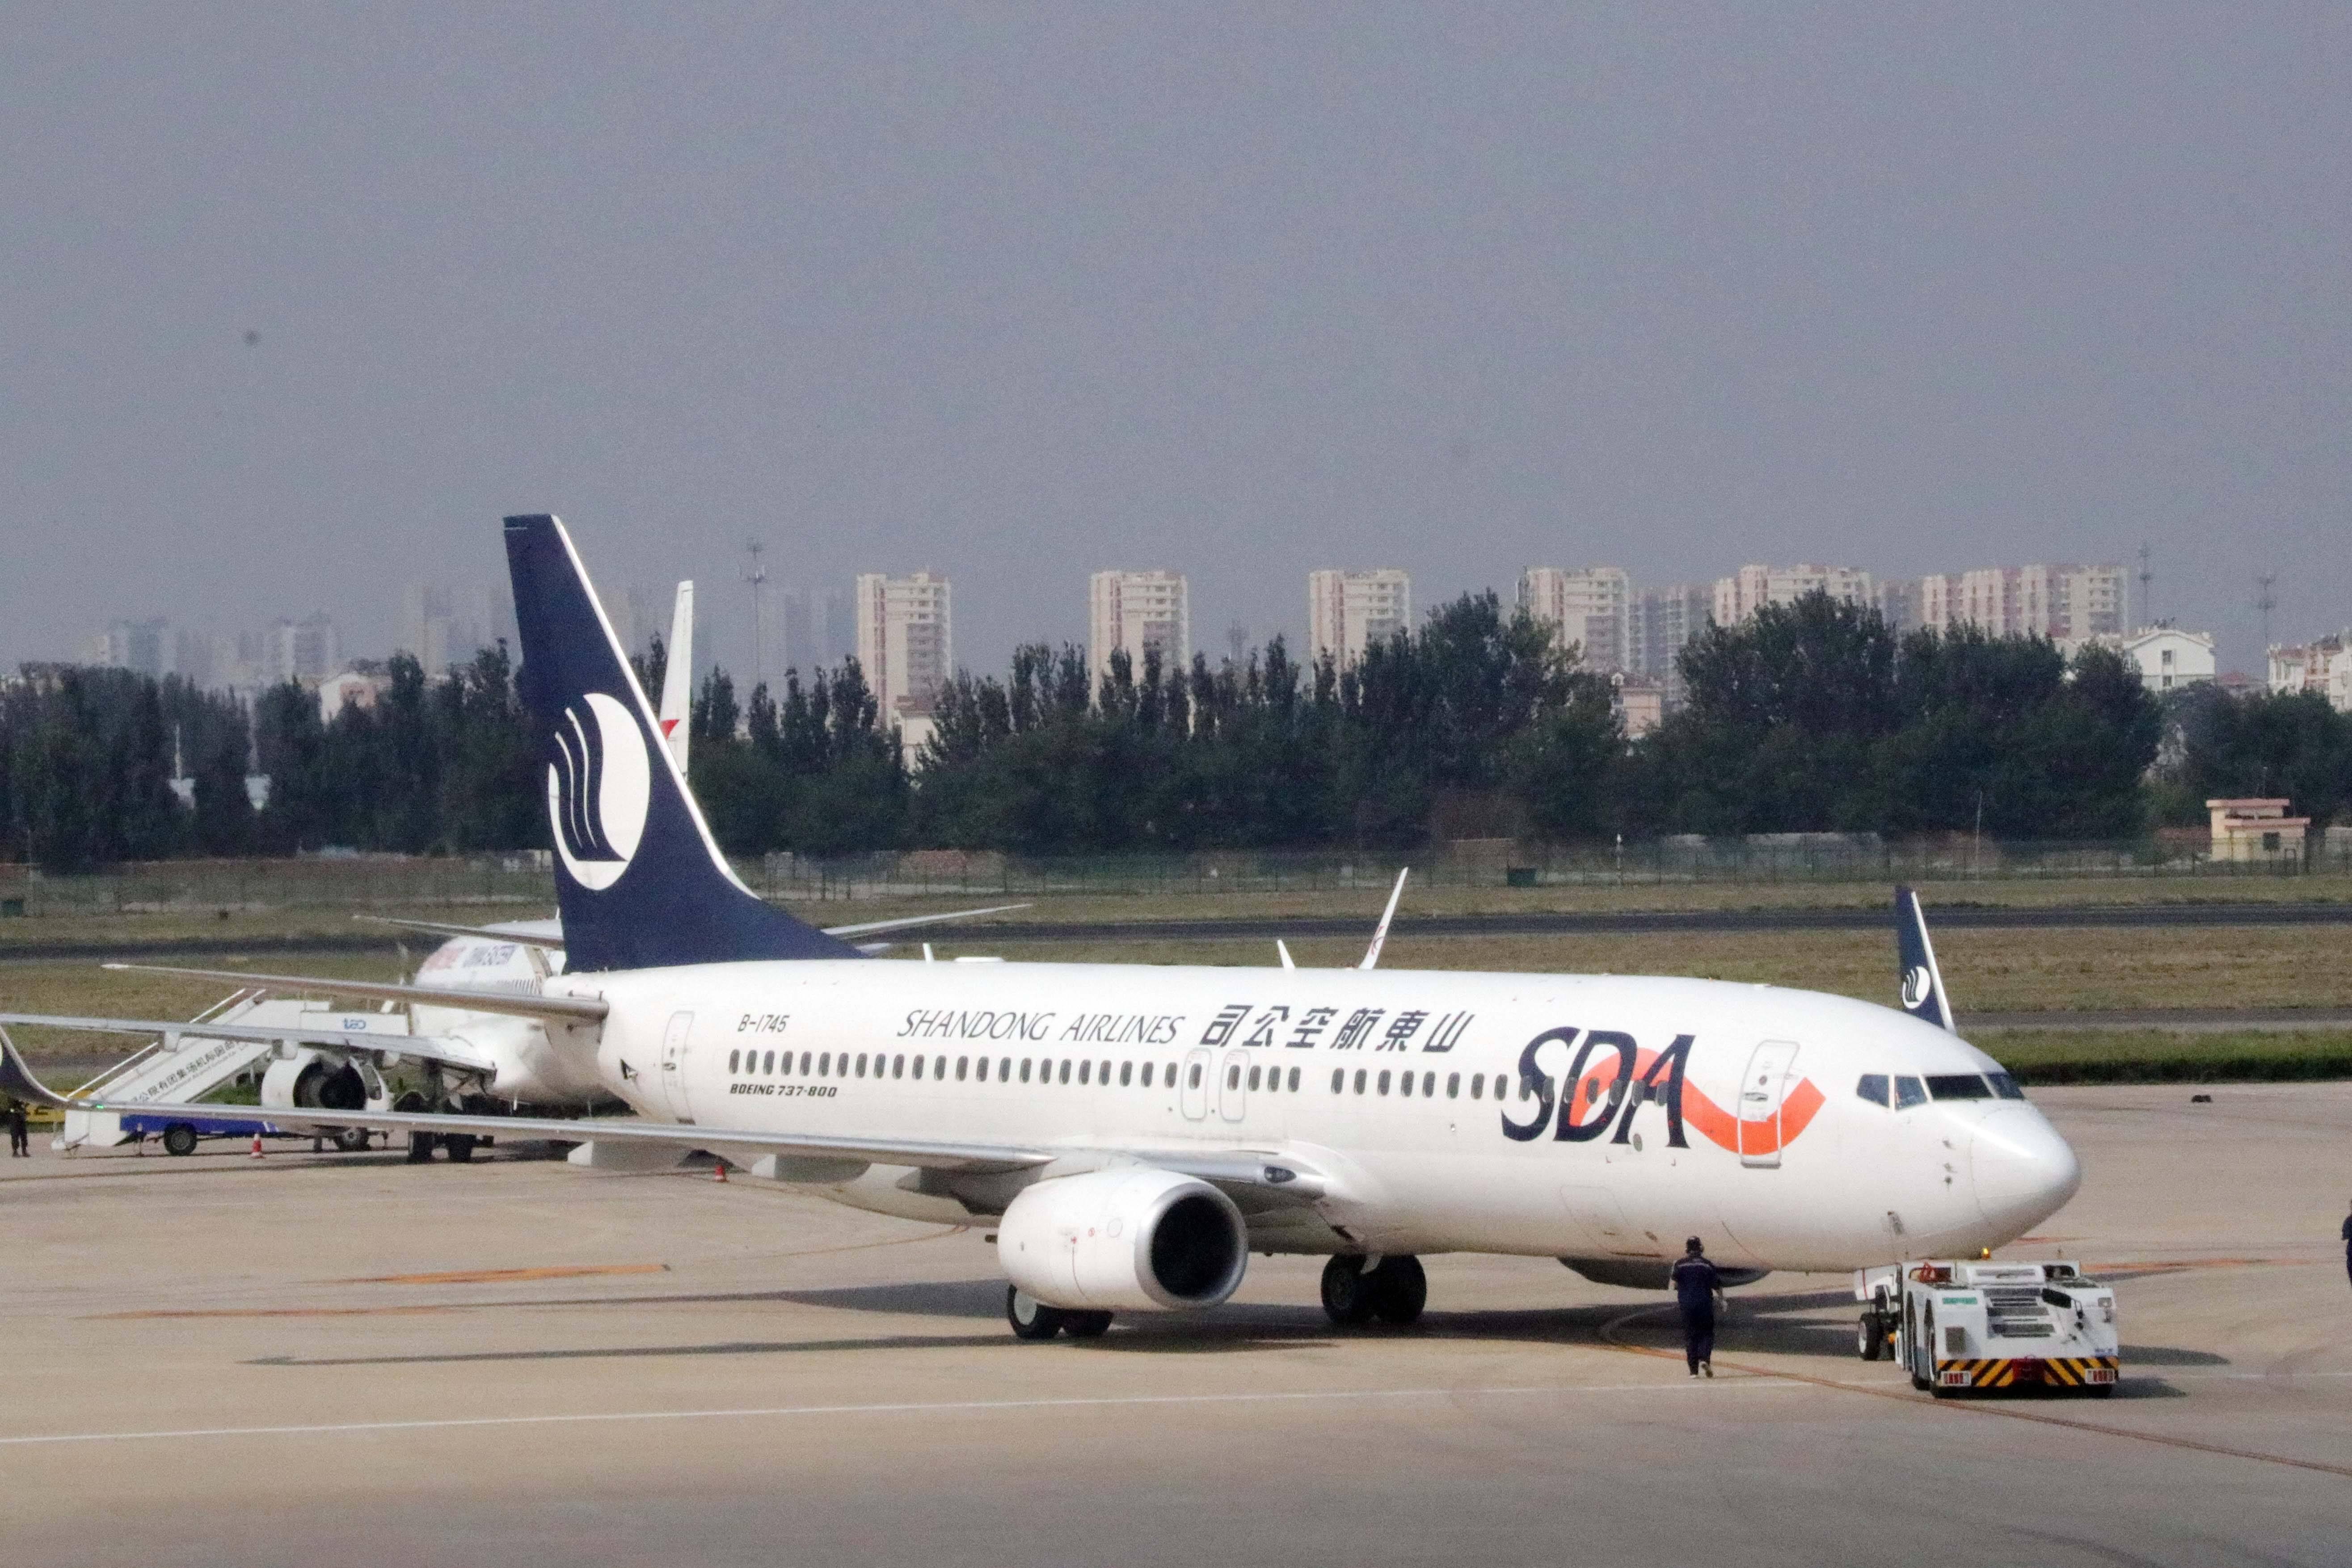 青岛-首尔 山航增开往返航班每周两班